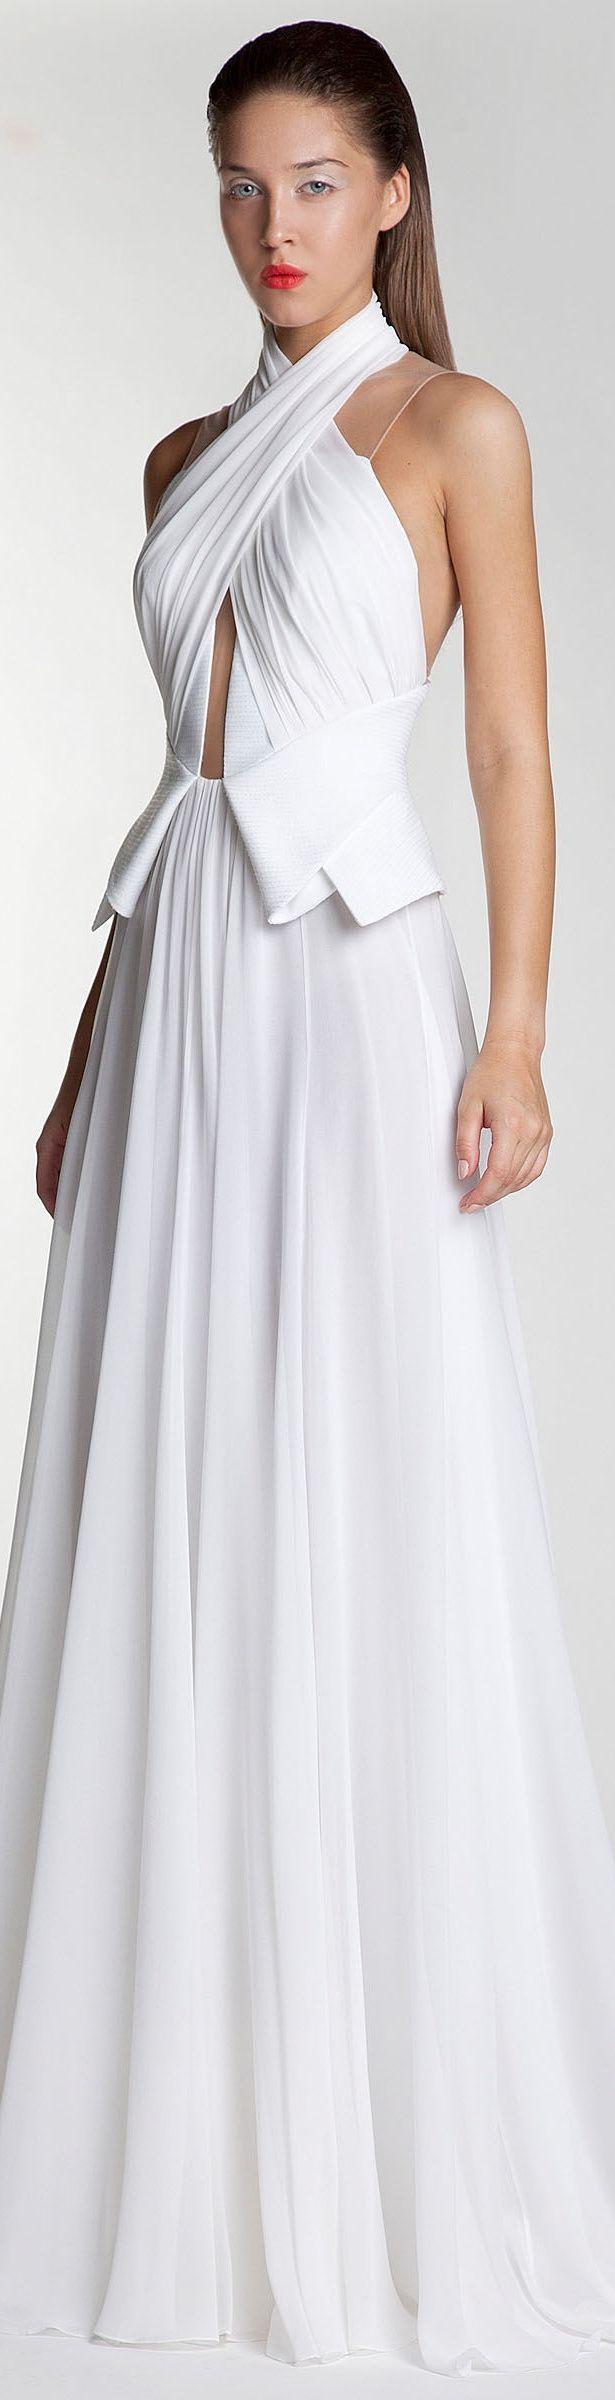 バジル ソーダ SS 2014 RTW 1039    女性ファッション